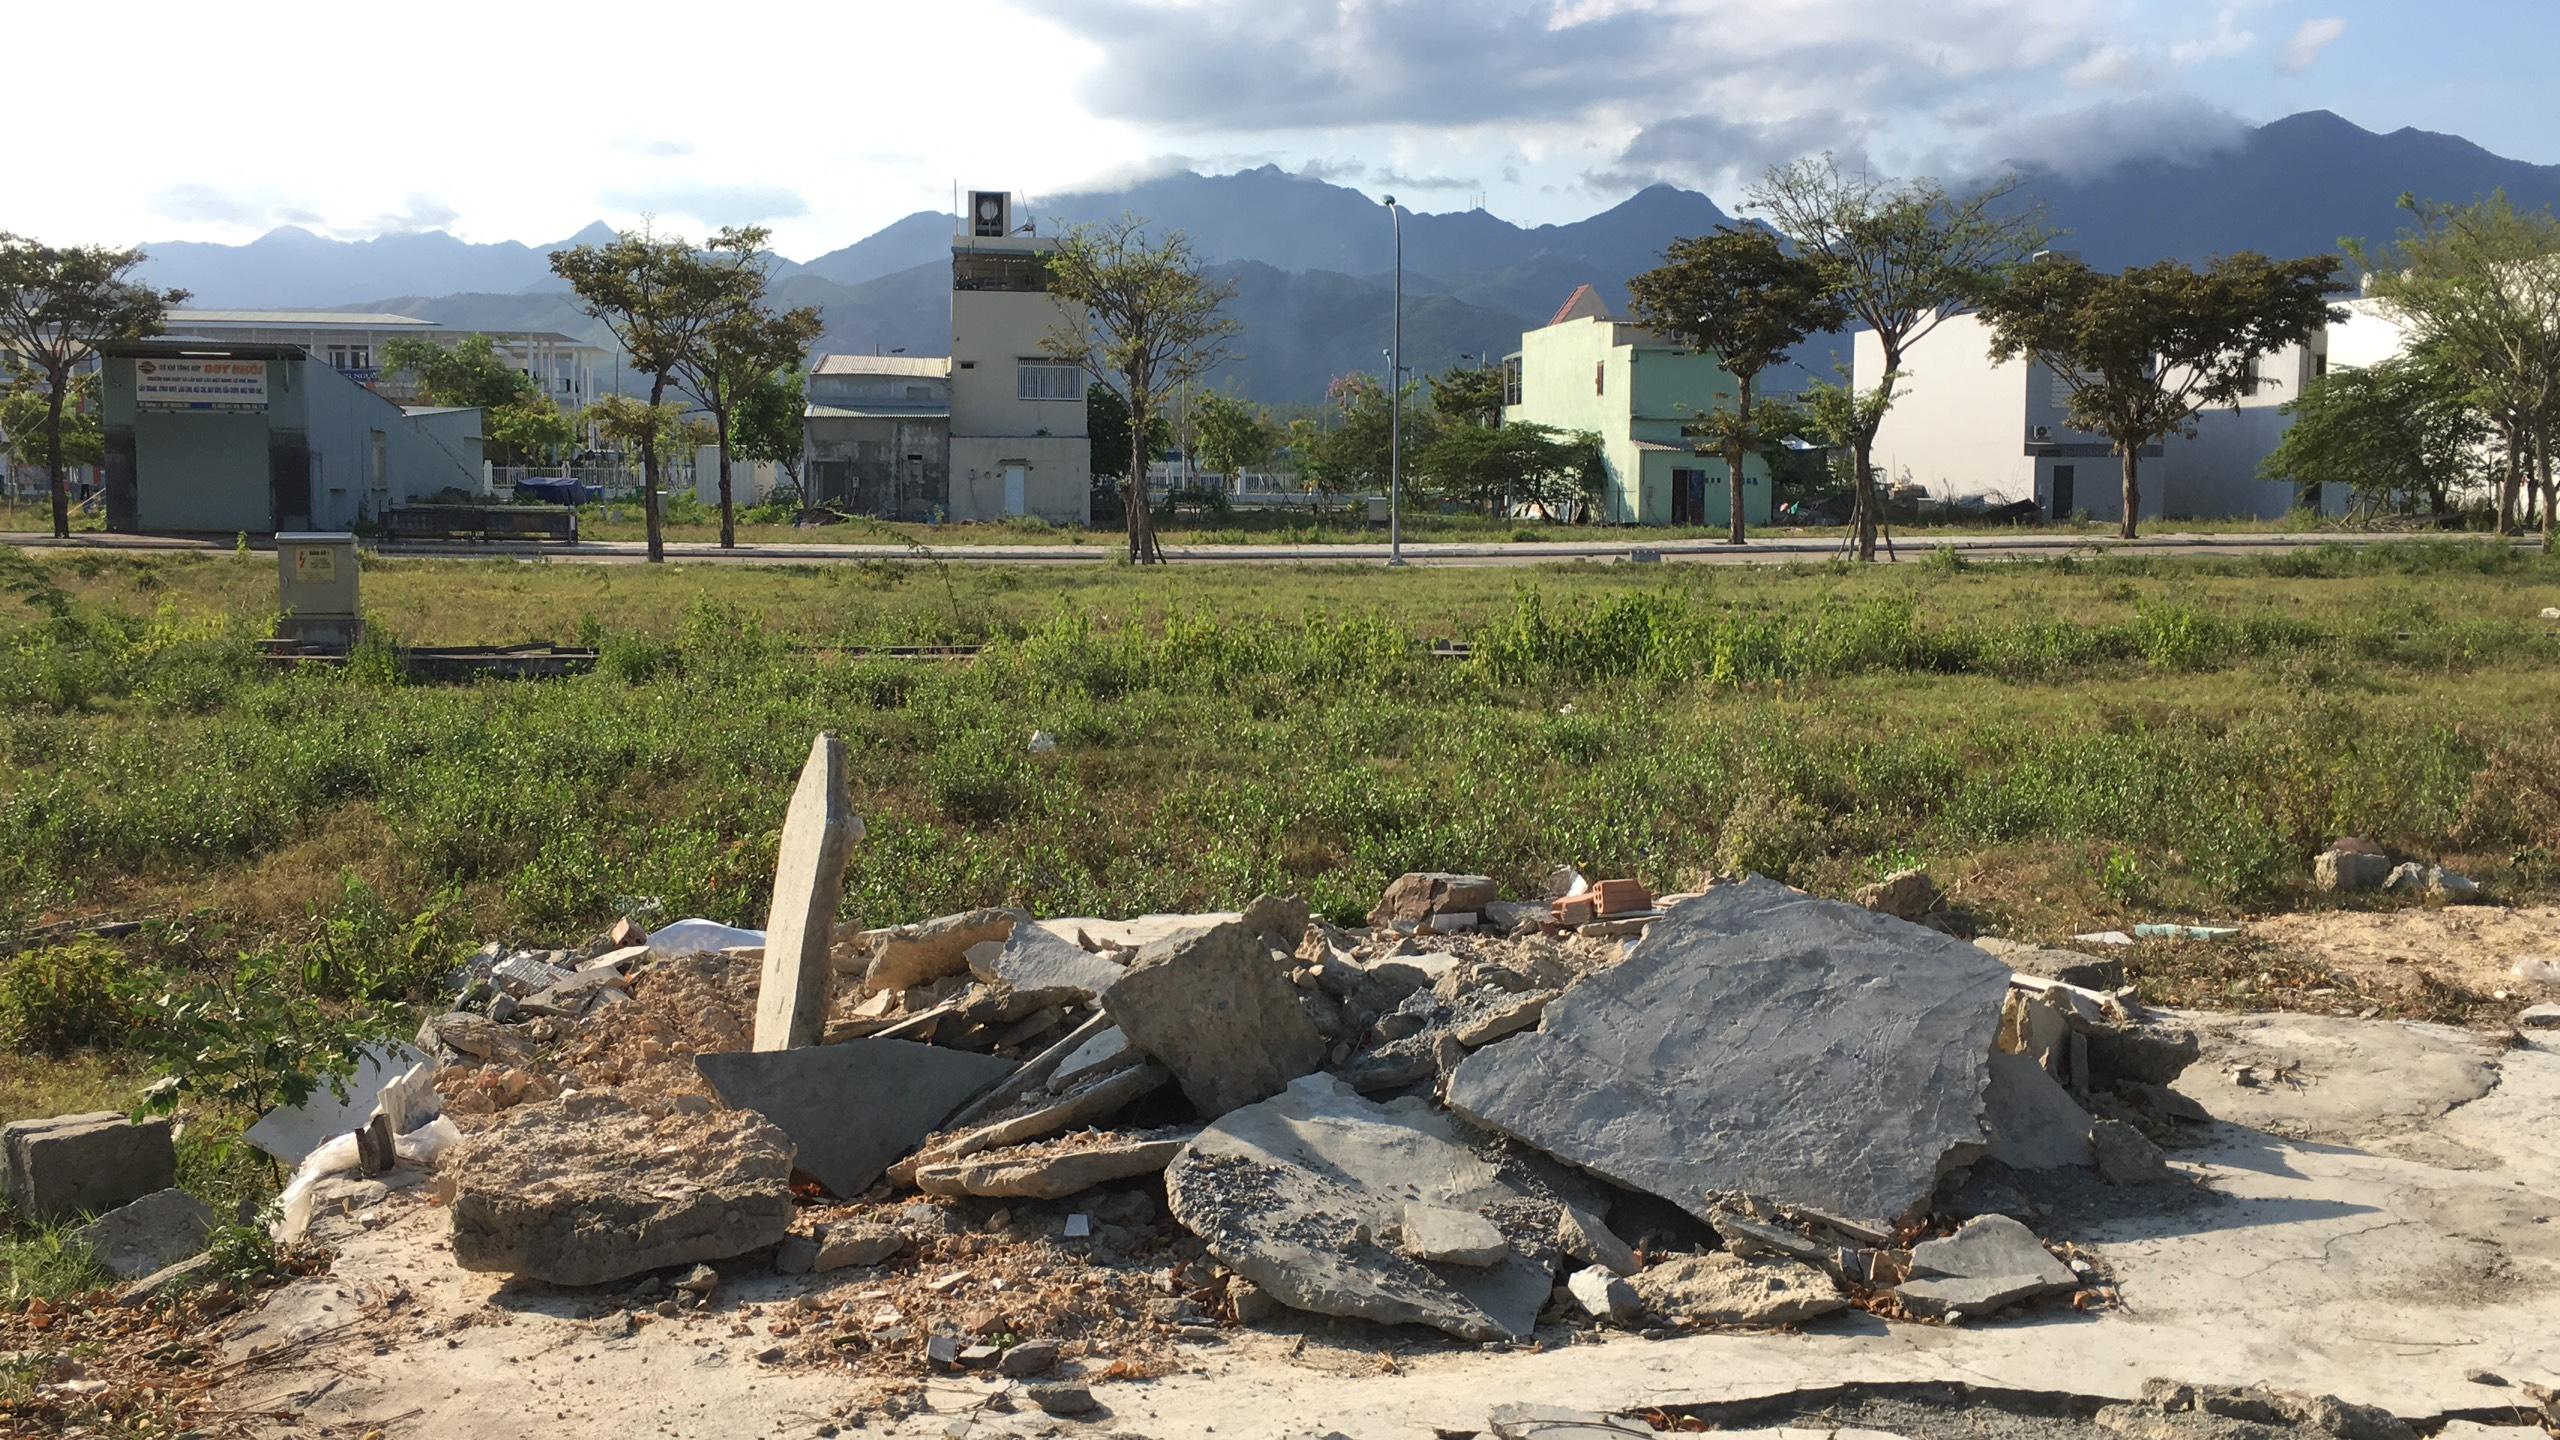 Trở lại nơi sốt đất ở Đà Nẵng, ki ốt bị dẹp hàng loạt, các dự án không bóng người - Ảnh 6.